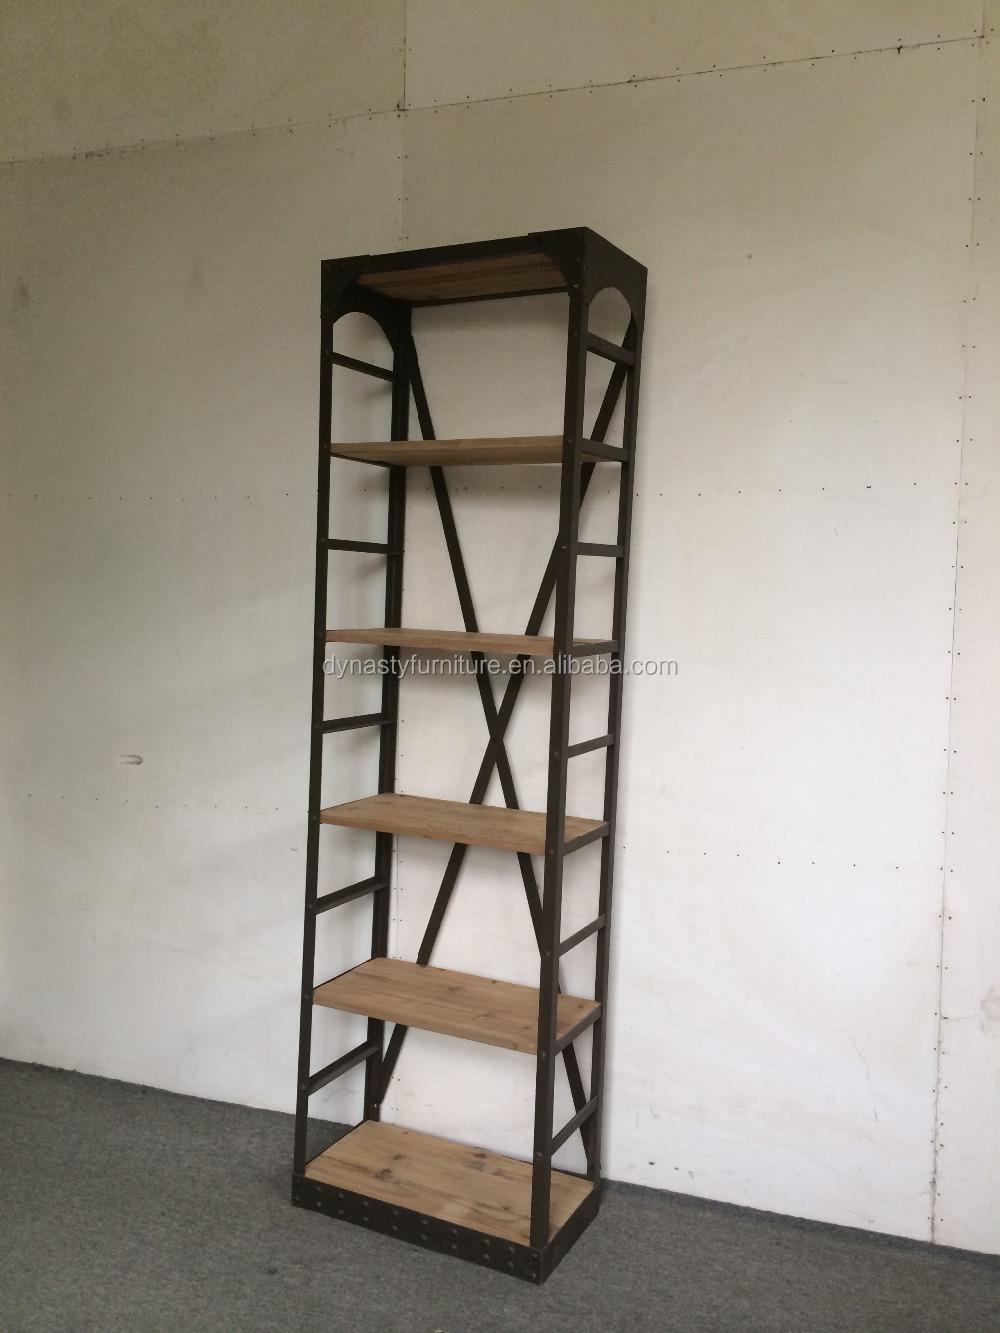 Vintage industrial muebles de metal y madera dise o for Muebles diseno industrial vintage